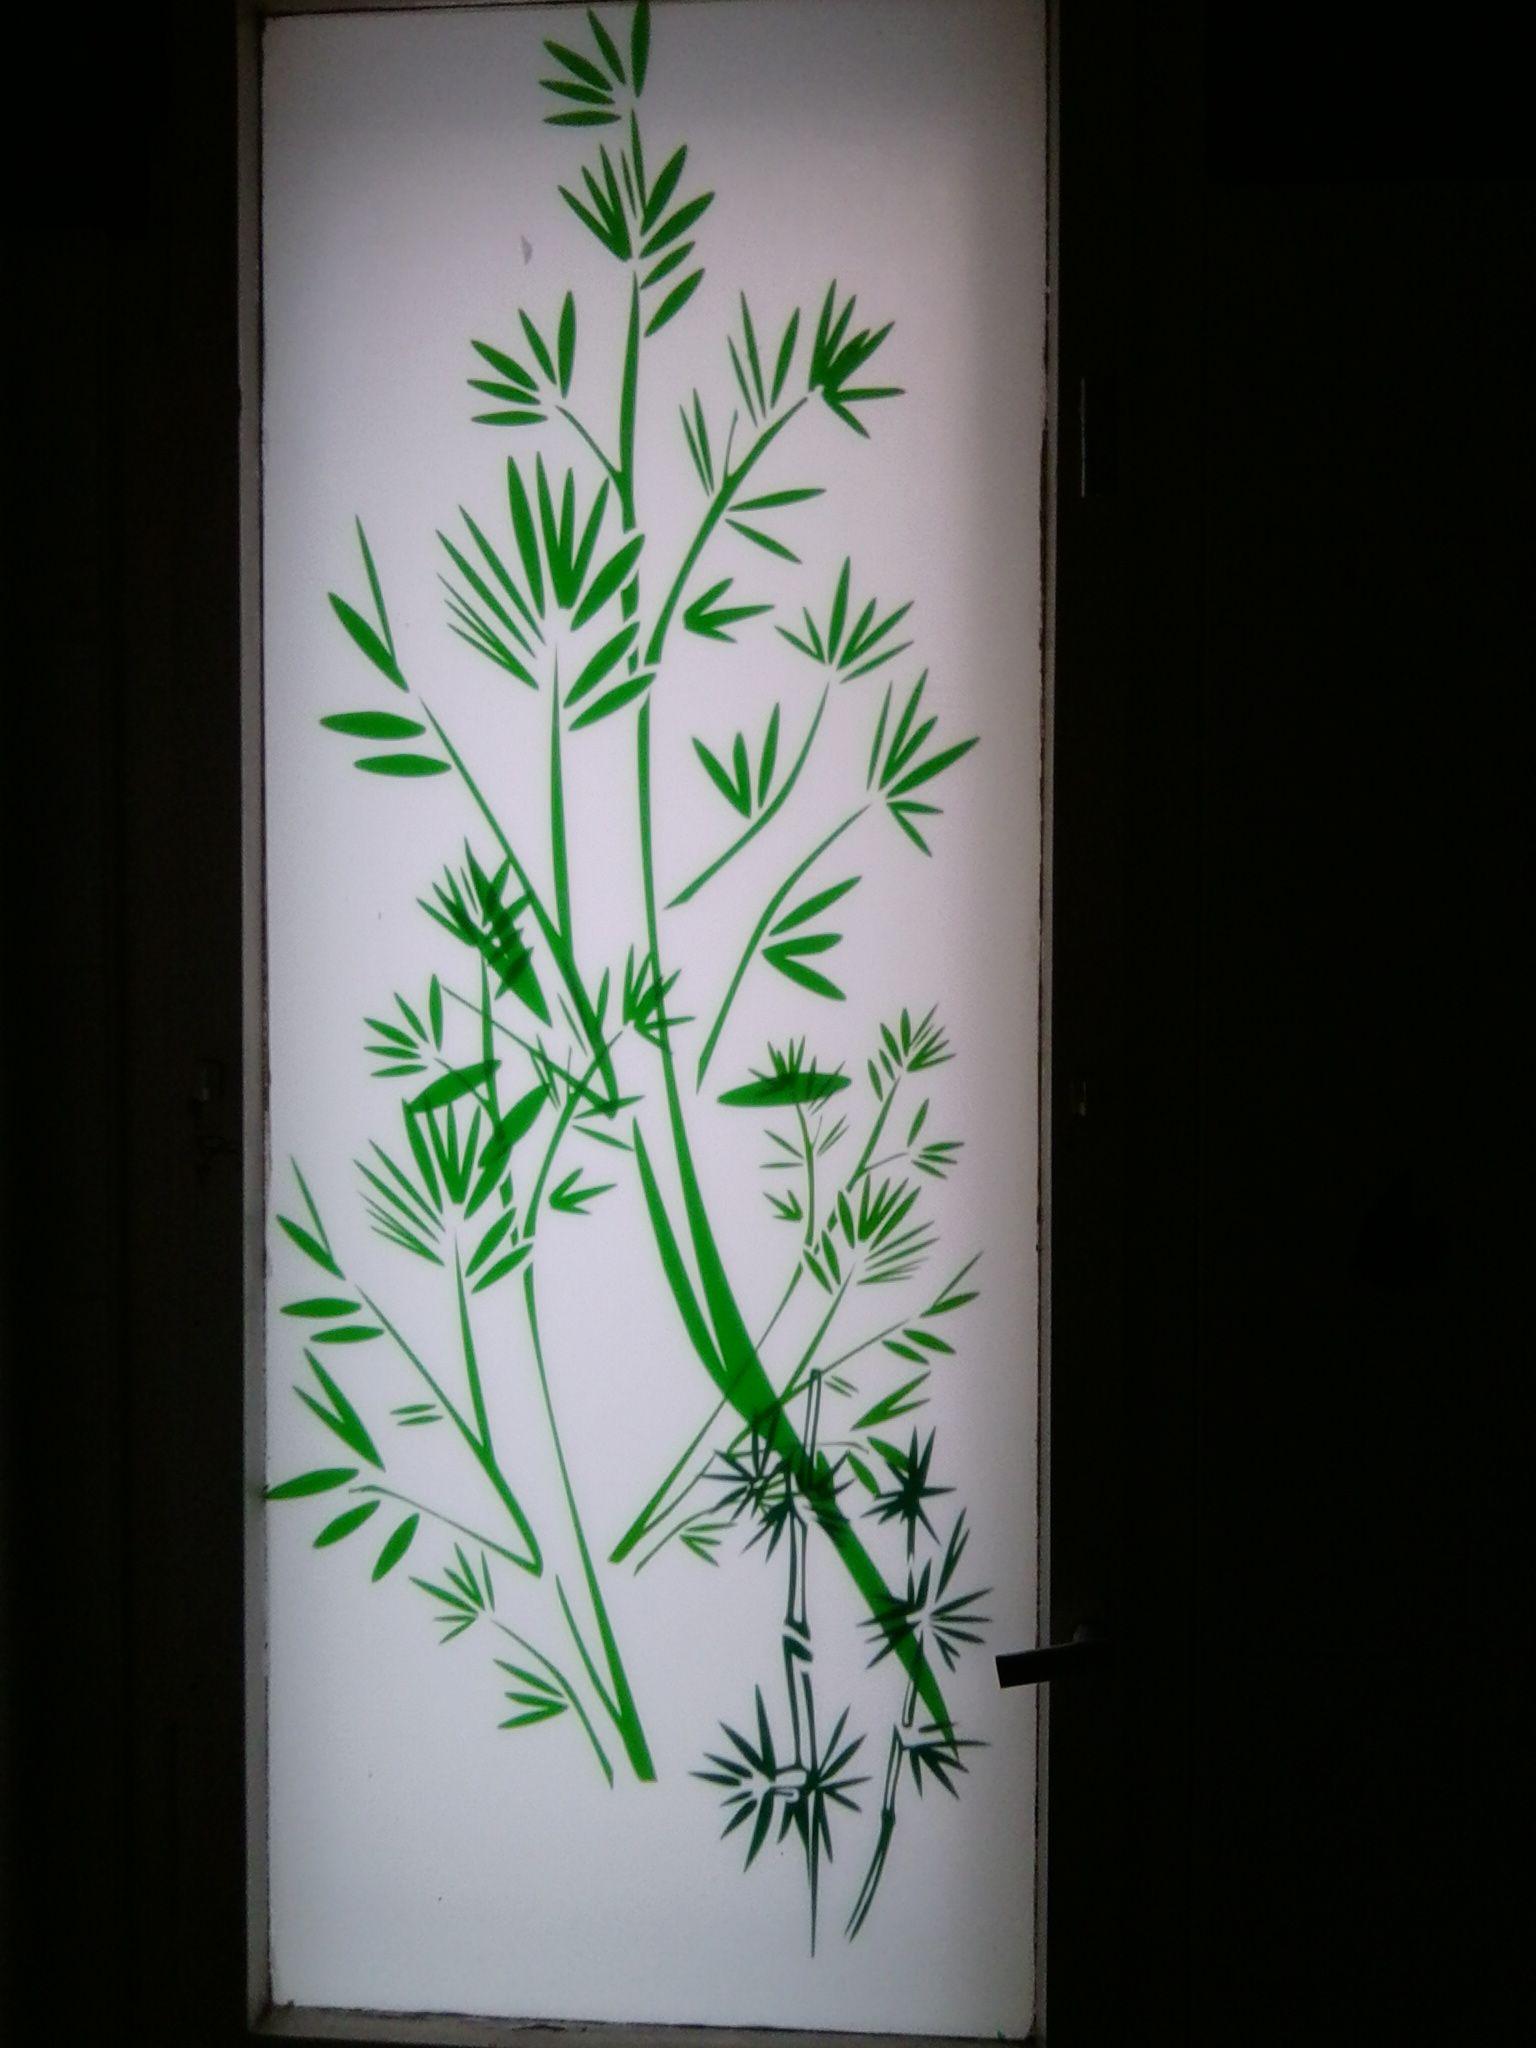 Auf dem Badezimmerfenster haben wir eine Folie aufgebracht